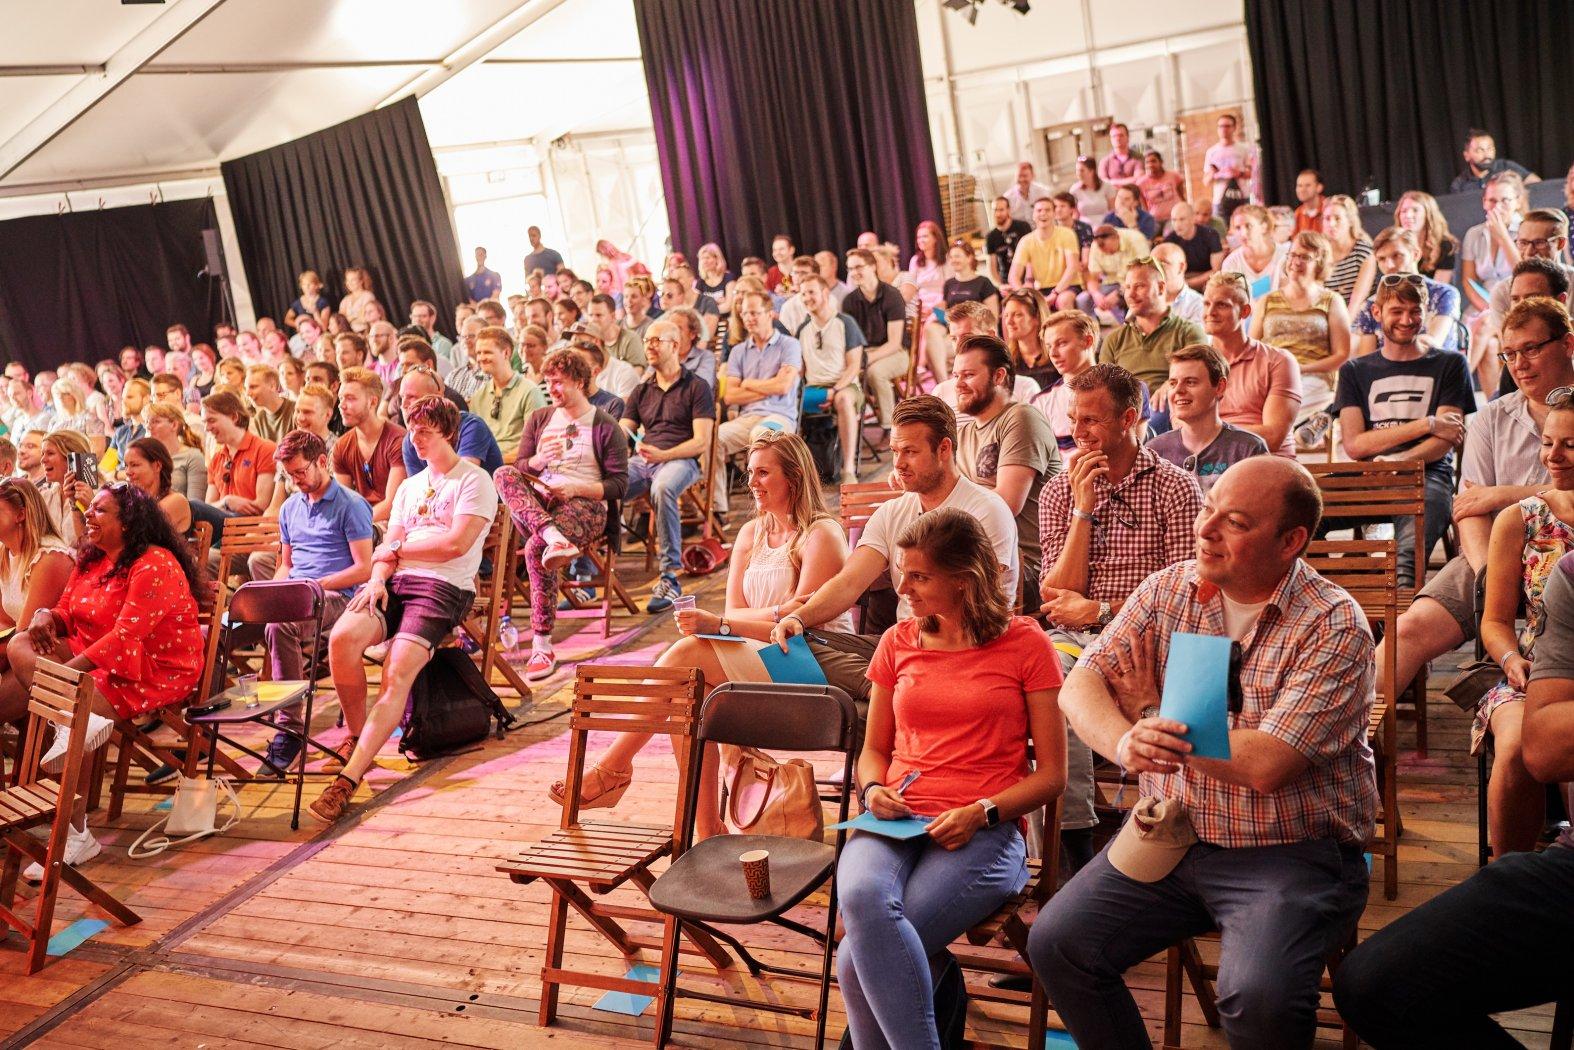 Onze eerste, eigen conferentie TopiConf